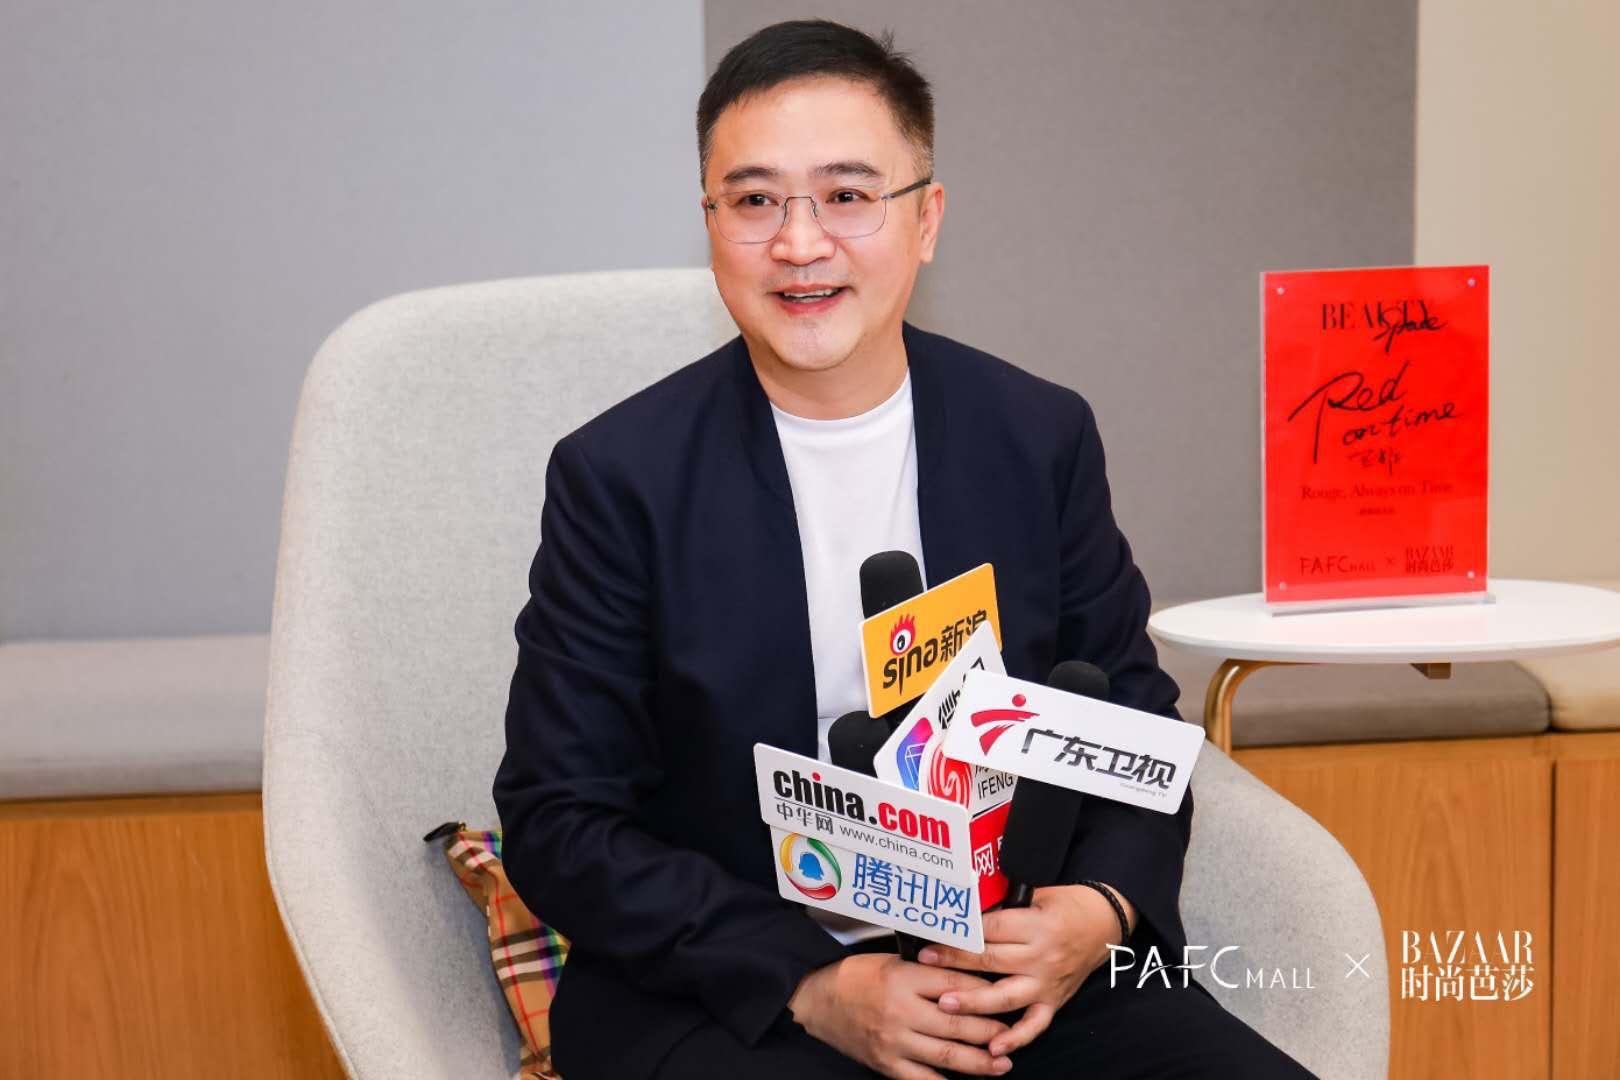 图为 坦然不动产商场管理董事总经理王云松老师